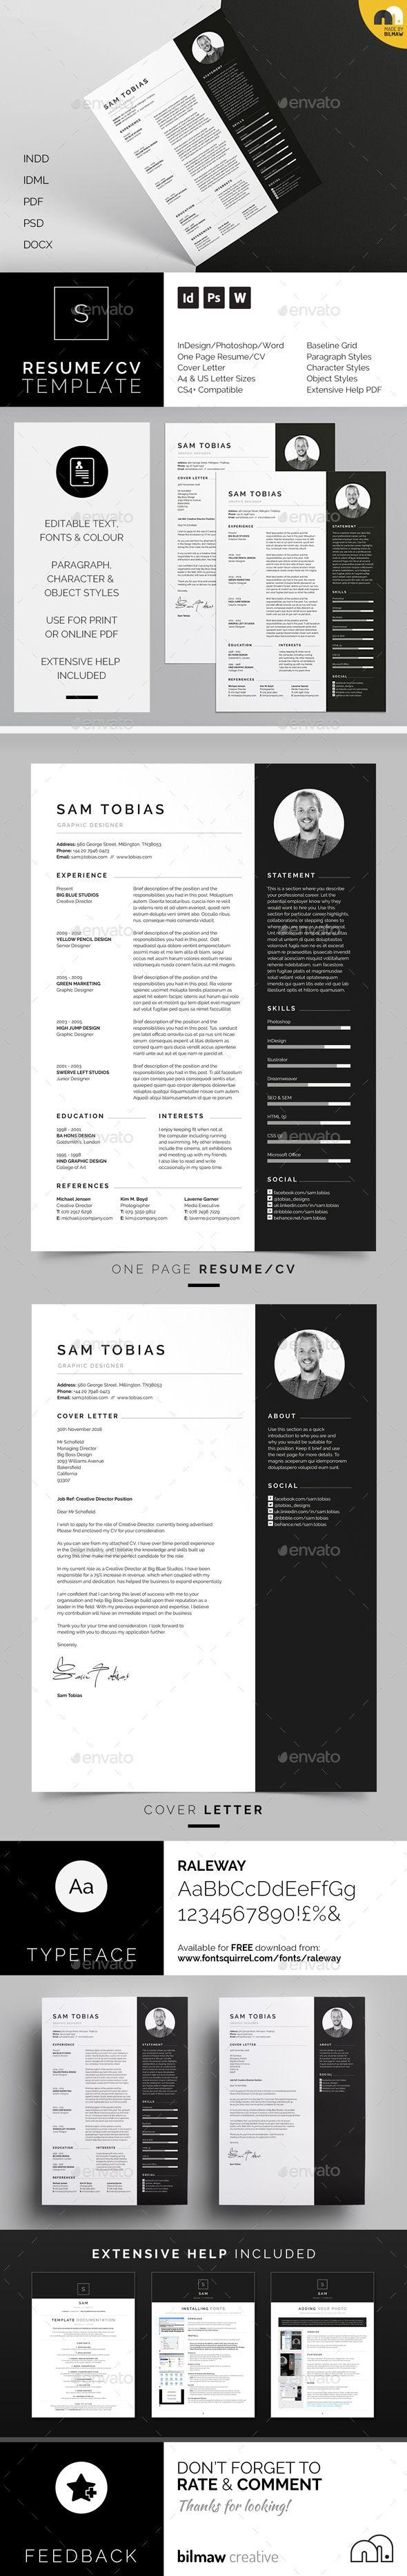 Resume/CV - Sam - Resumes Stationery / Professional Resume / CV / Cover Letter / Template #freeresume #resumetemplate